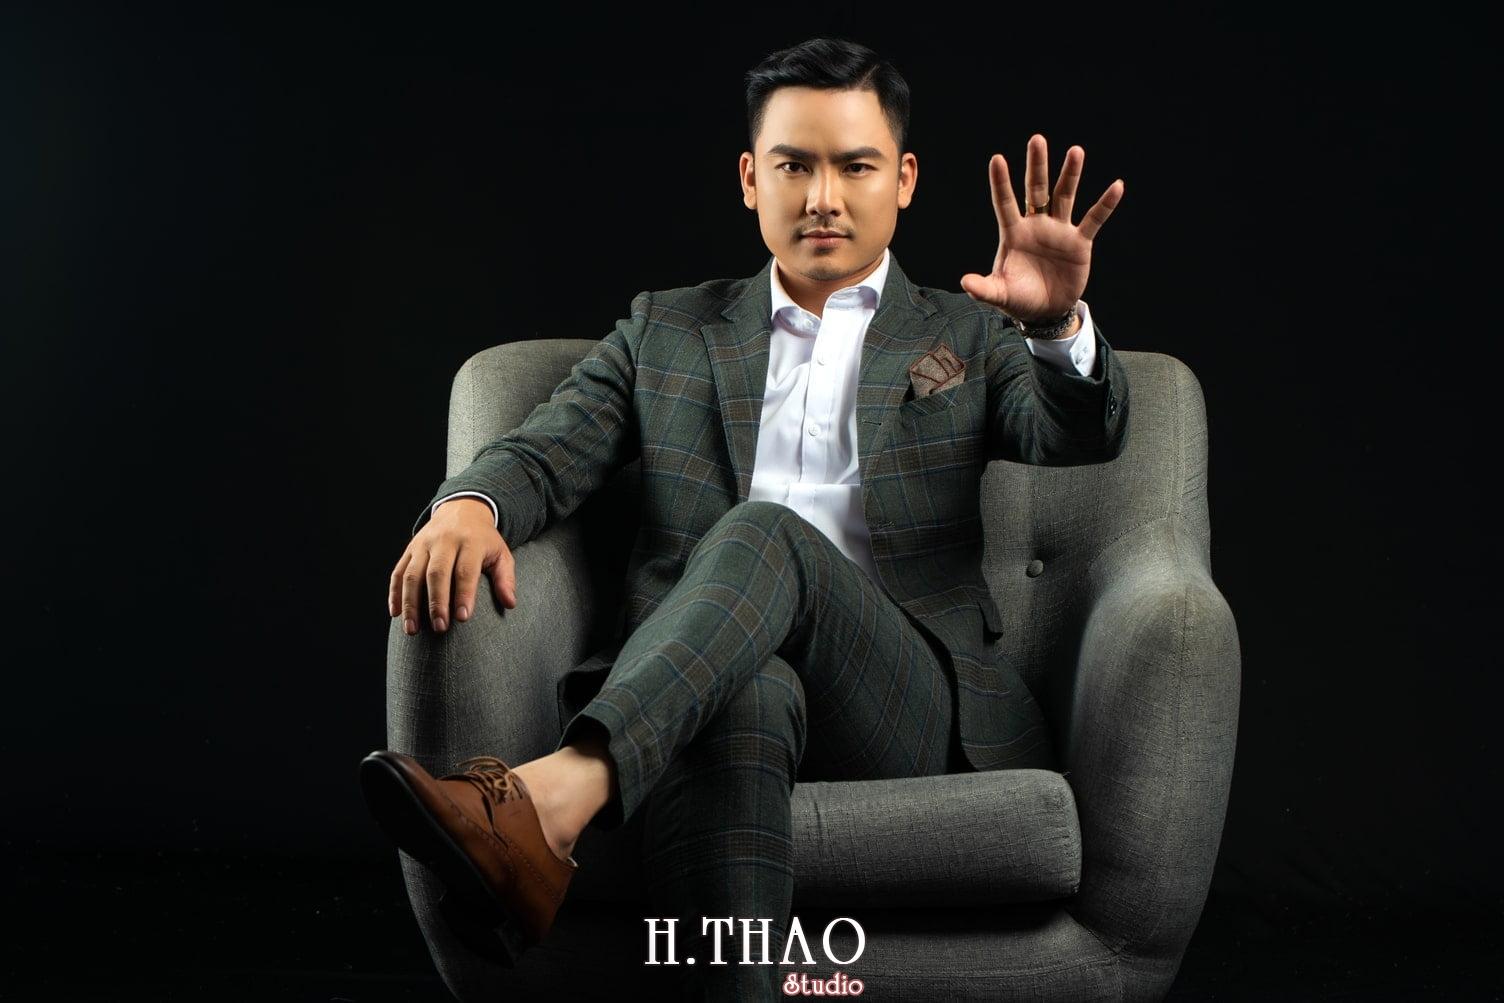 Anh Doanh nhan 41 - Ảnh doanh nhân, CEO & Founder PFT Academy Mr.Tuan Anh – HThao Studio